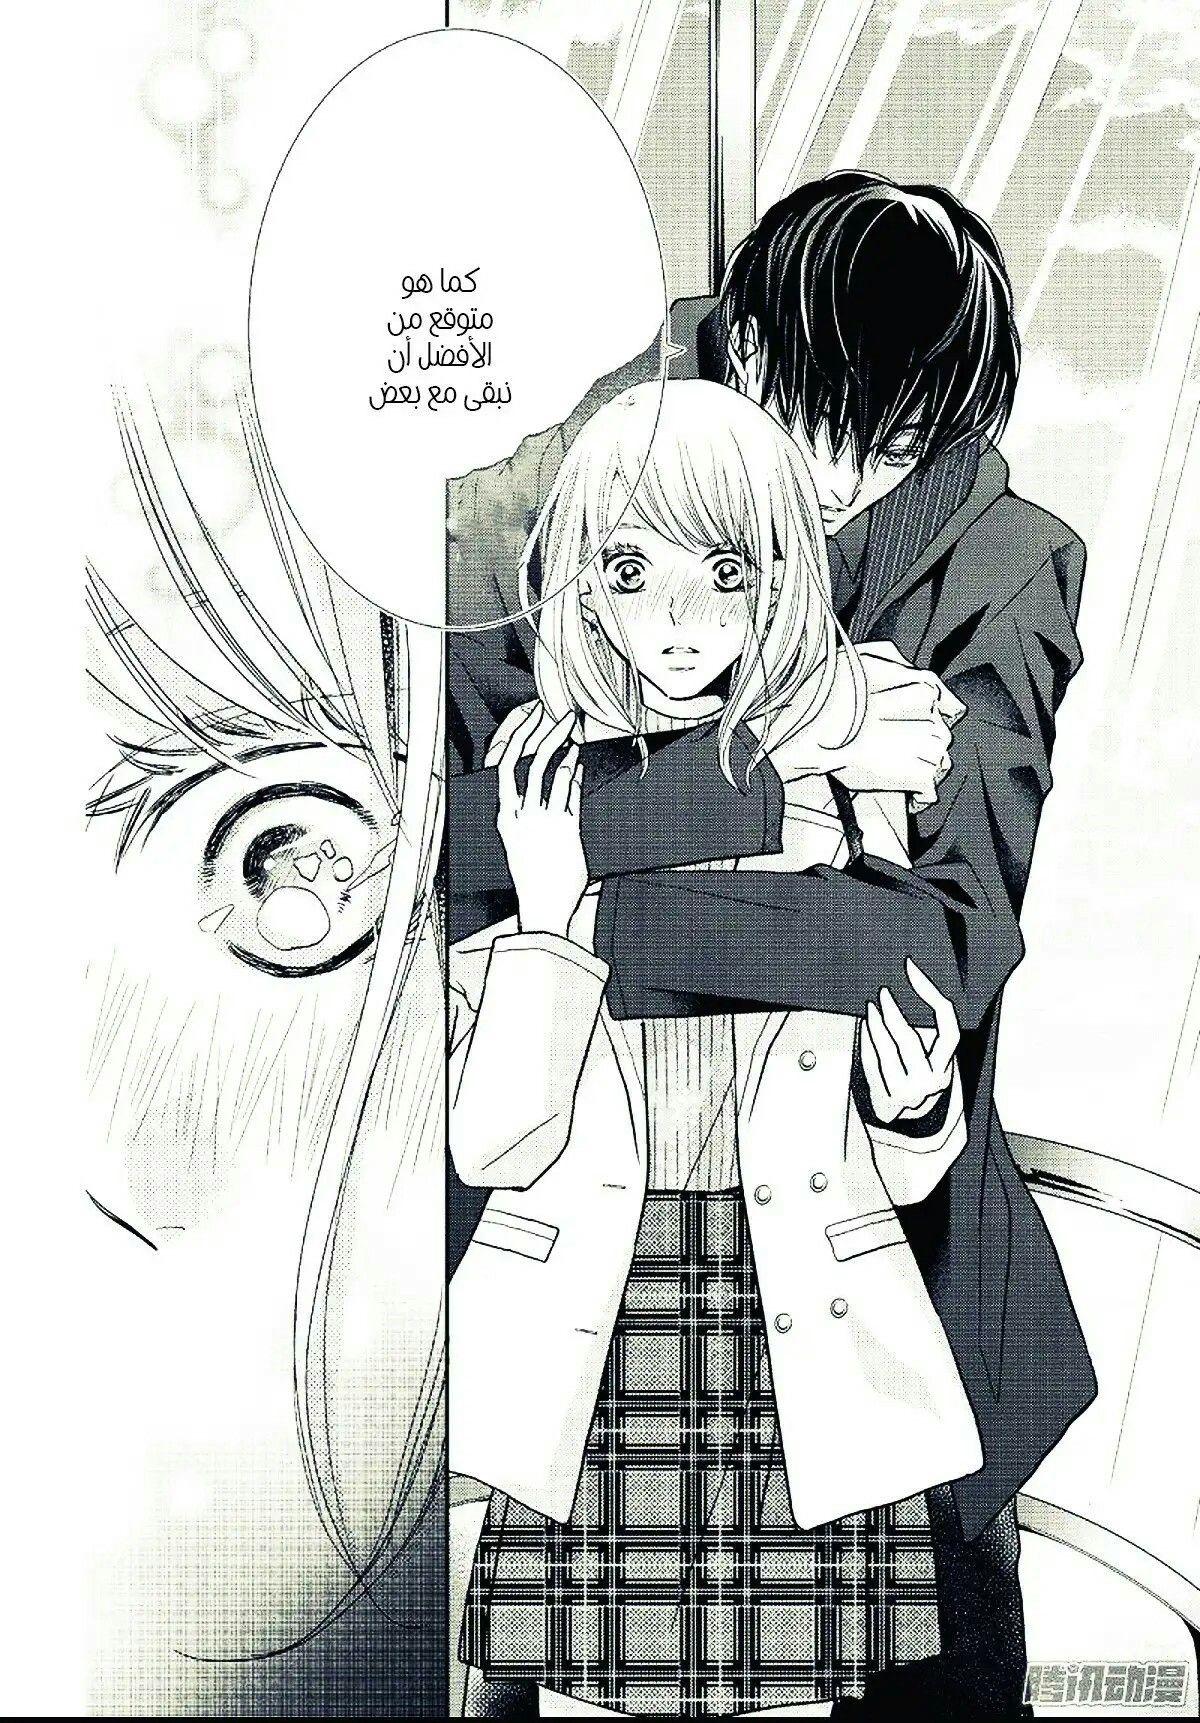 Kurosaki Kun No Iinari Ni Nante Naranai : kurosaki, iinari, nante, naranai, Kurosakikun, Iinari, Nante, Naranai, Manga, Anime,, Shoujo, Manga,, Anime